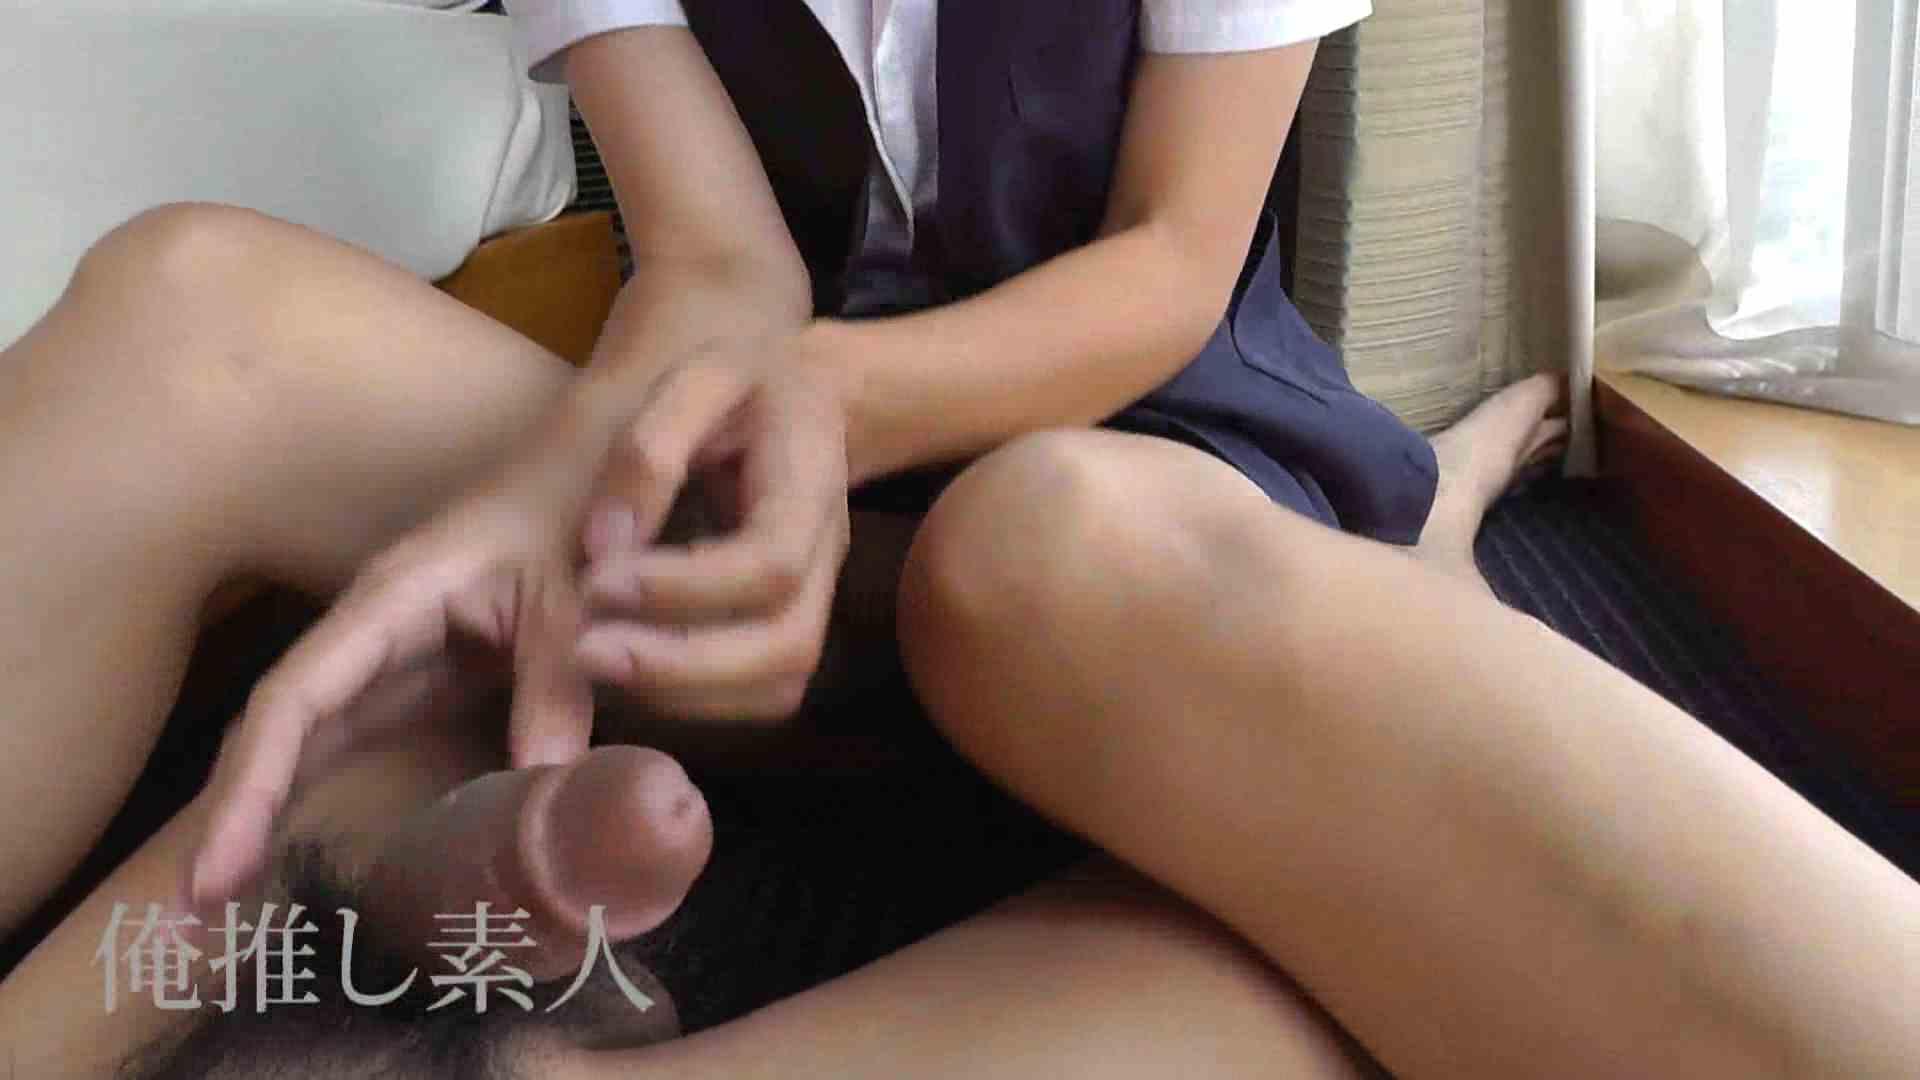 俺推し素人 30代人妻熟女キャバ嬢雫 おっぱい | Hな人妻  104pic 68